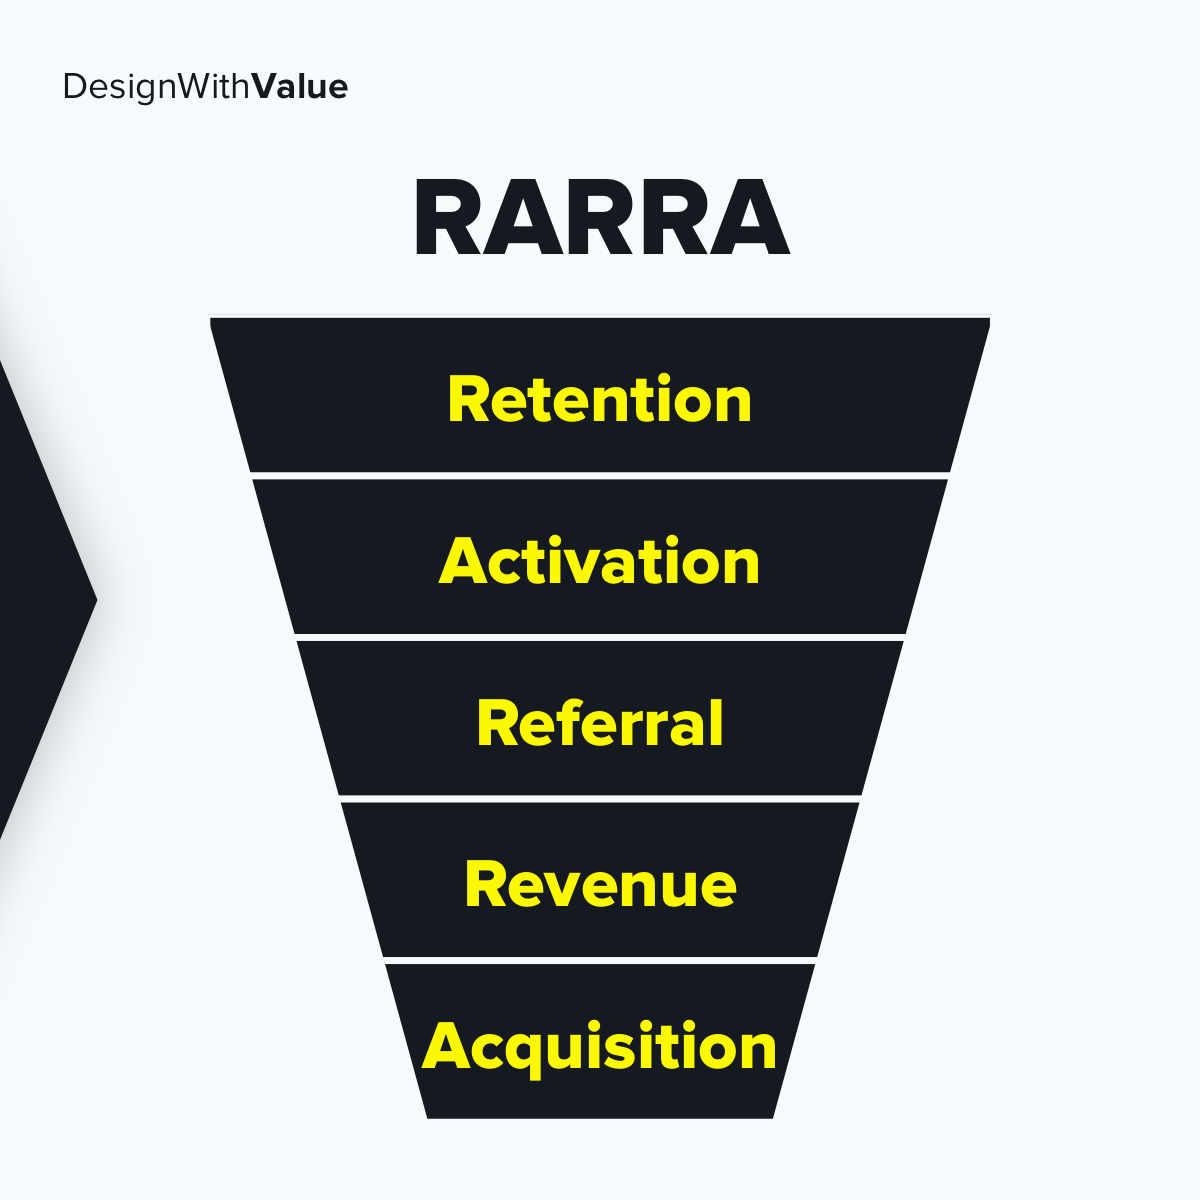 Retention, Activation, Referral, Revenue, Acquisition.